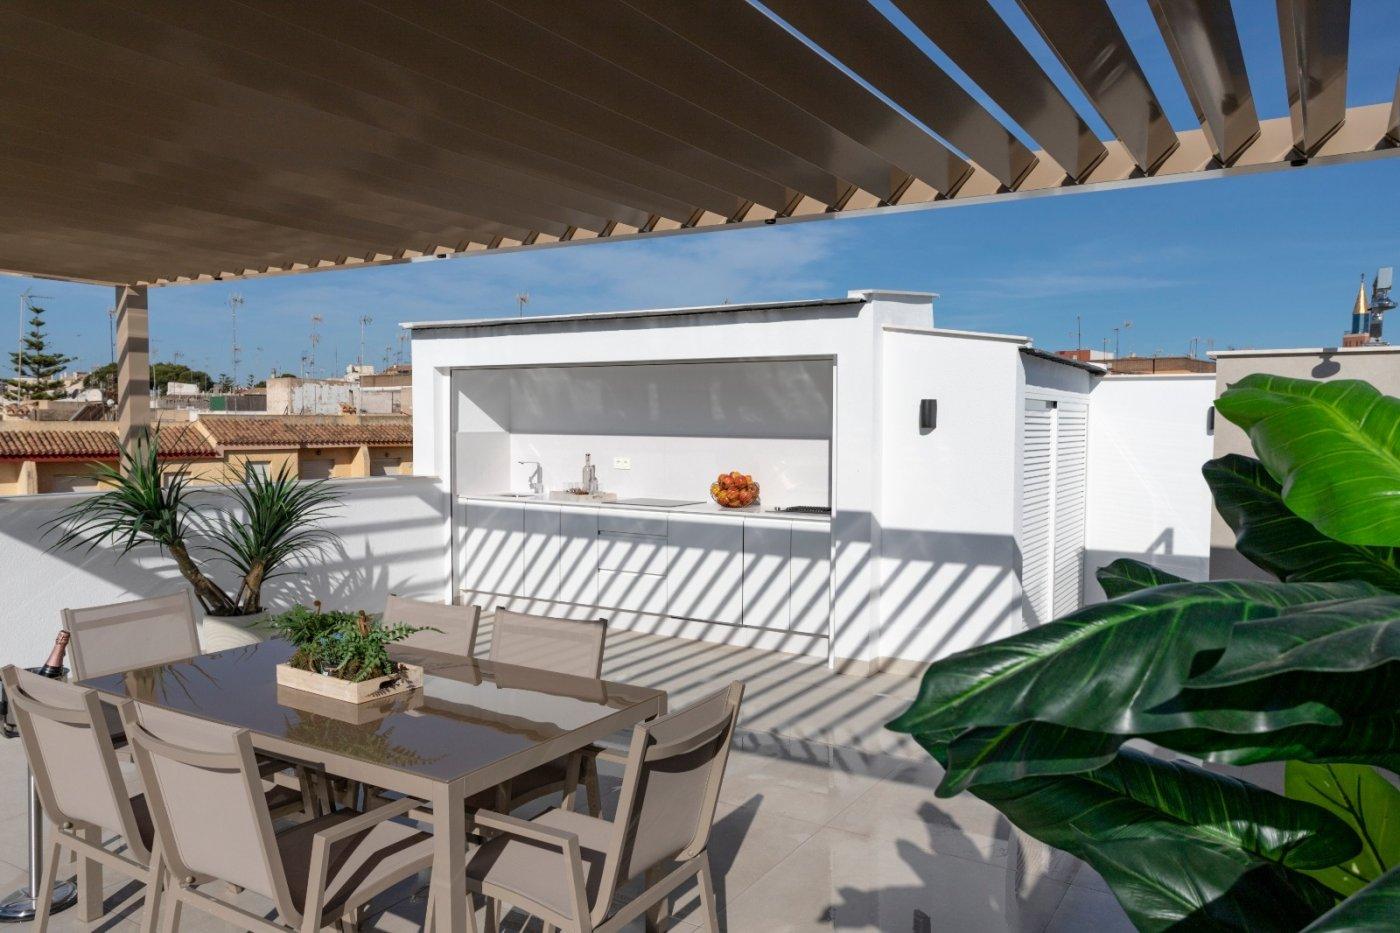 Apartamento moderno en san pedro del pinatar - imagenInmueble28